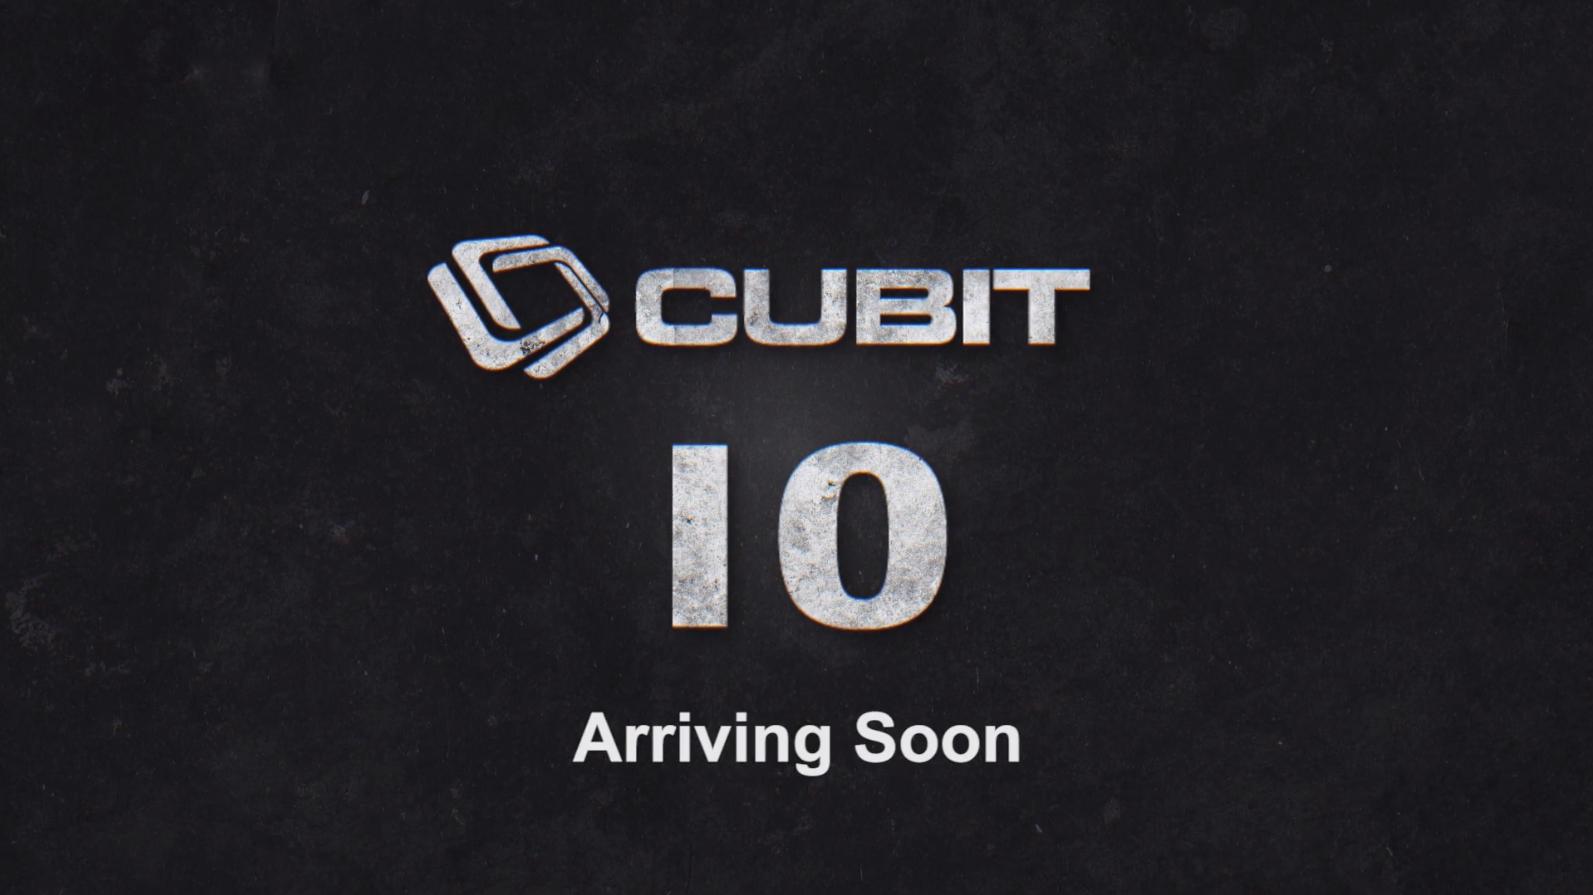 cubit-10-arriving-soon